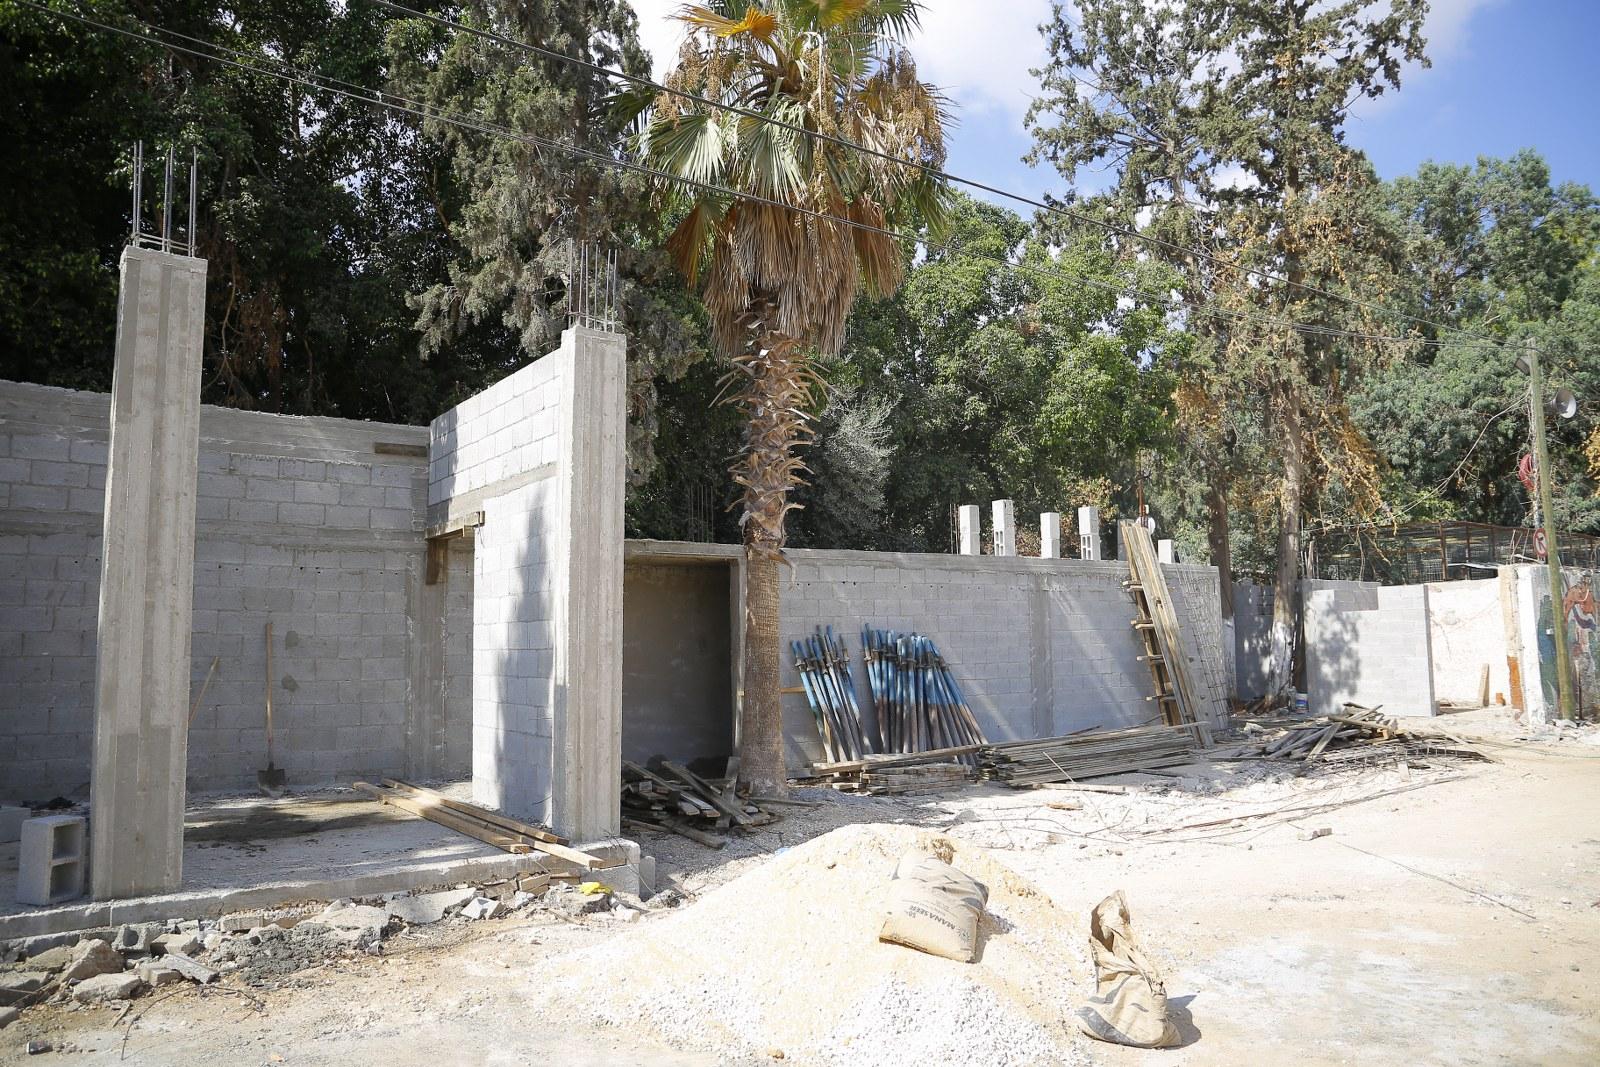 بلدية قلقيلية تواصل اعمالها في مشروع حديقة الطفل